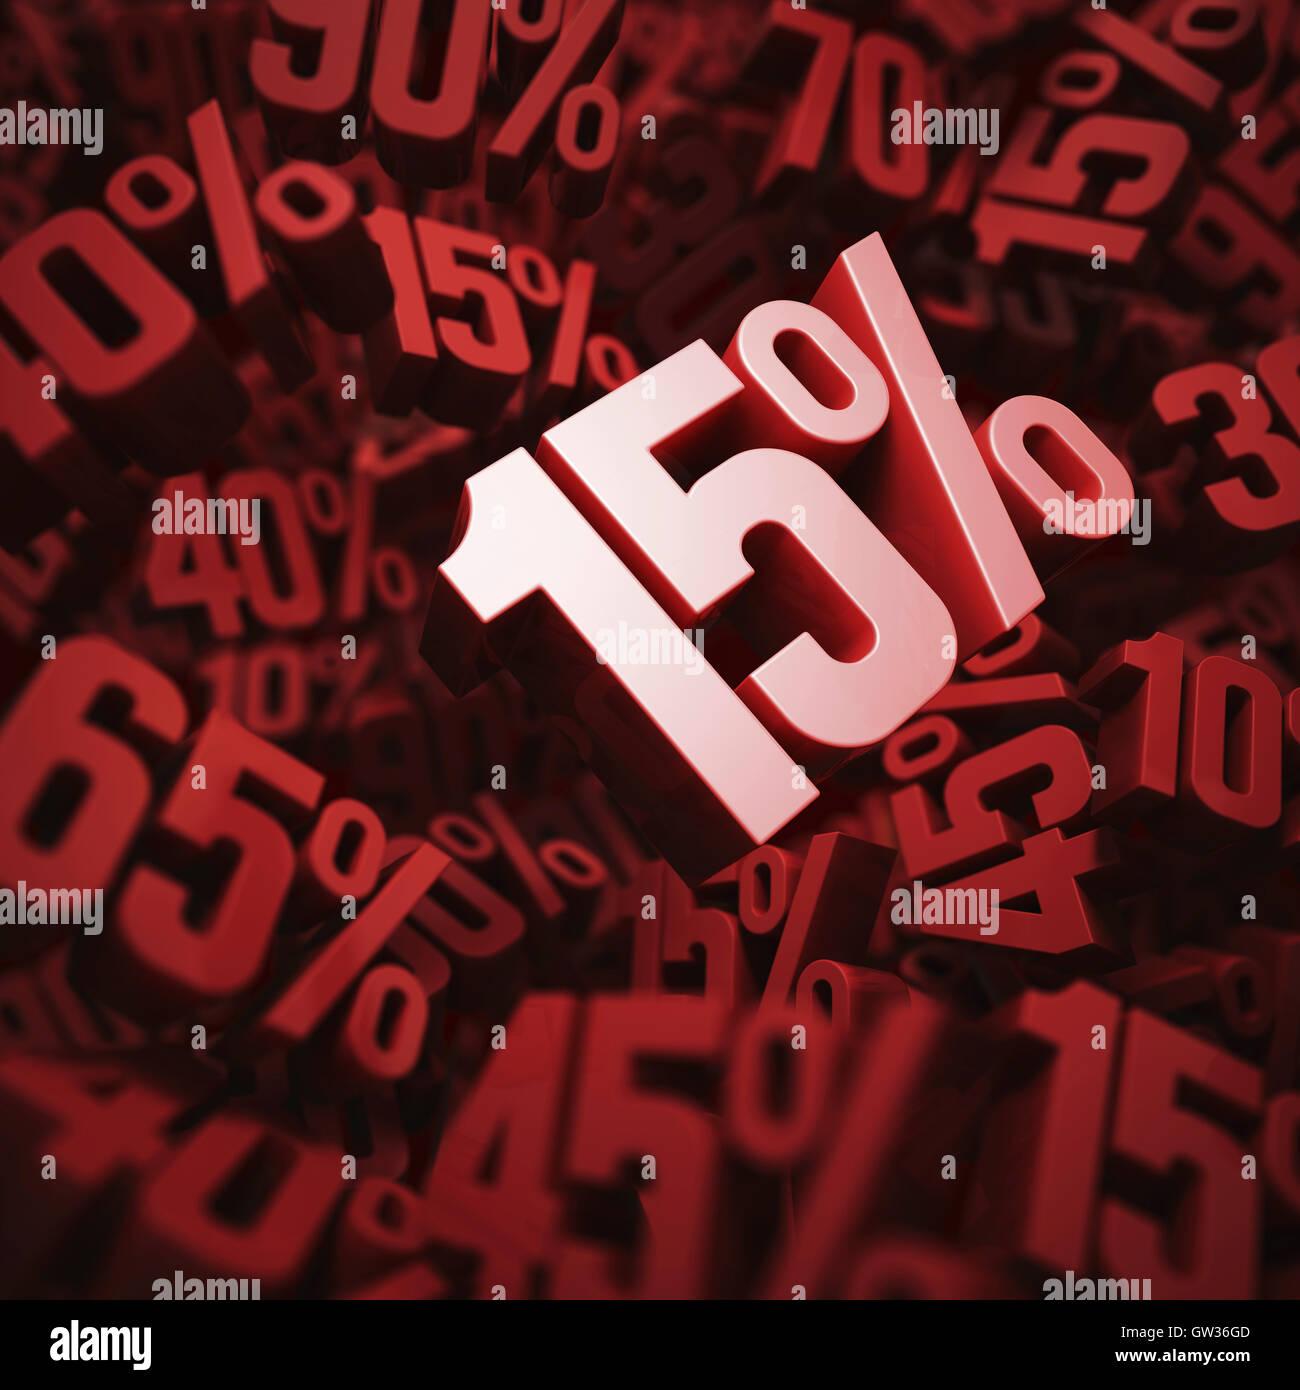 15% de descuento, ilustración. Imagen De Stock